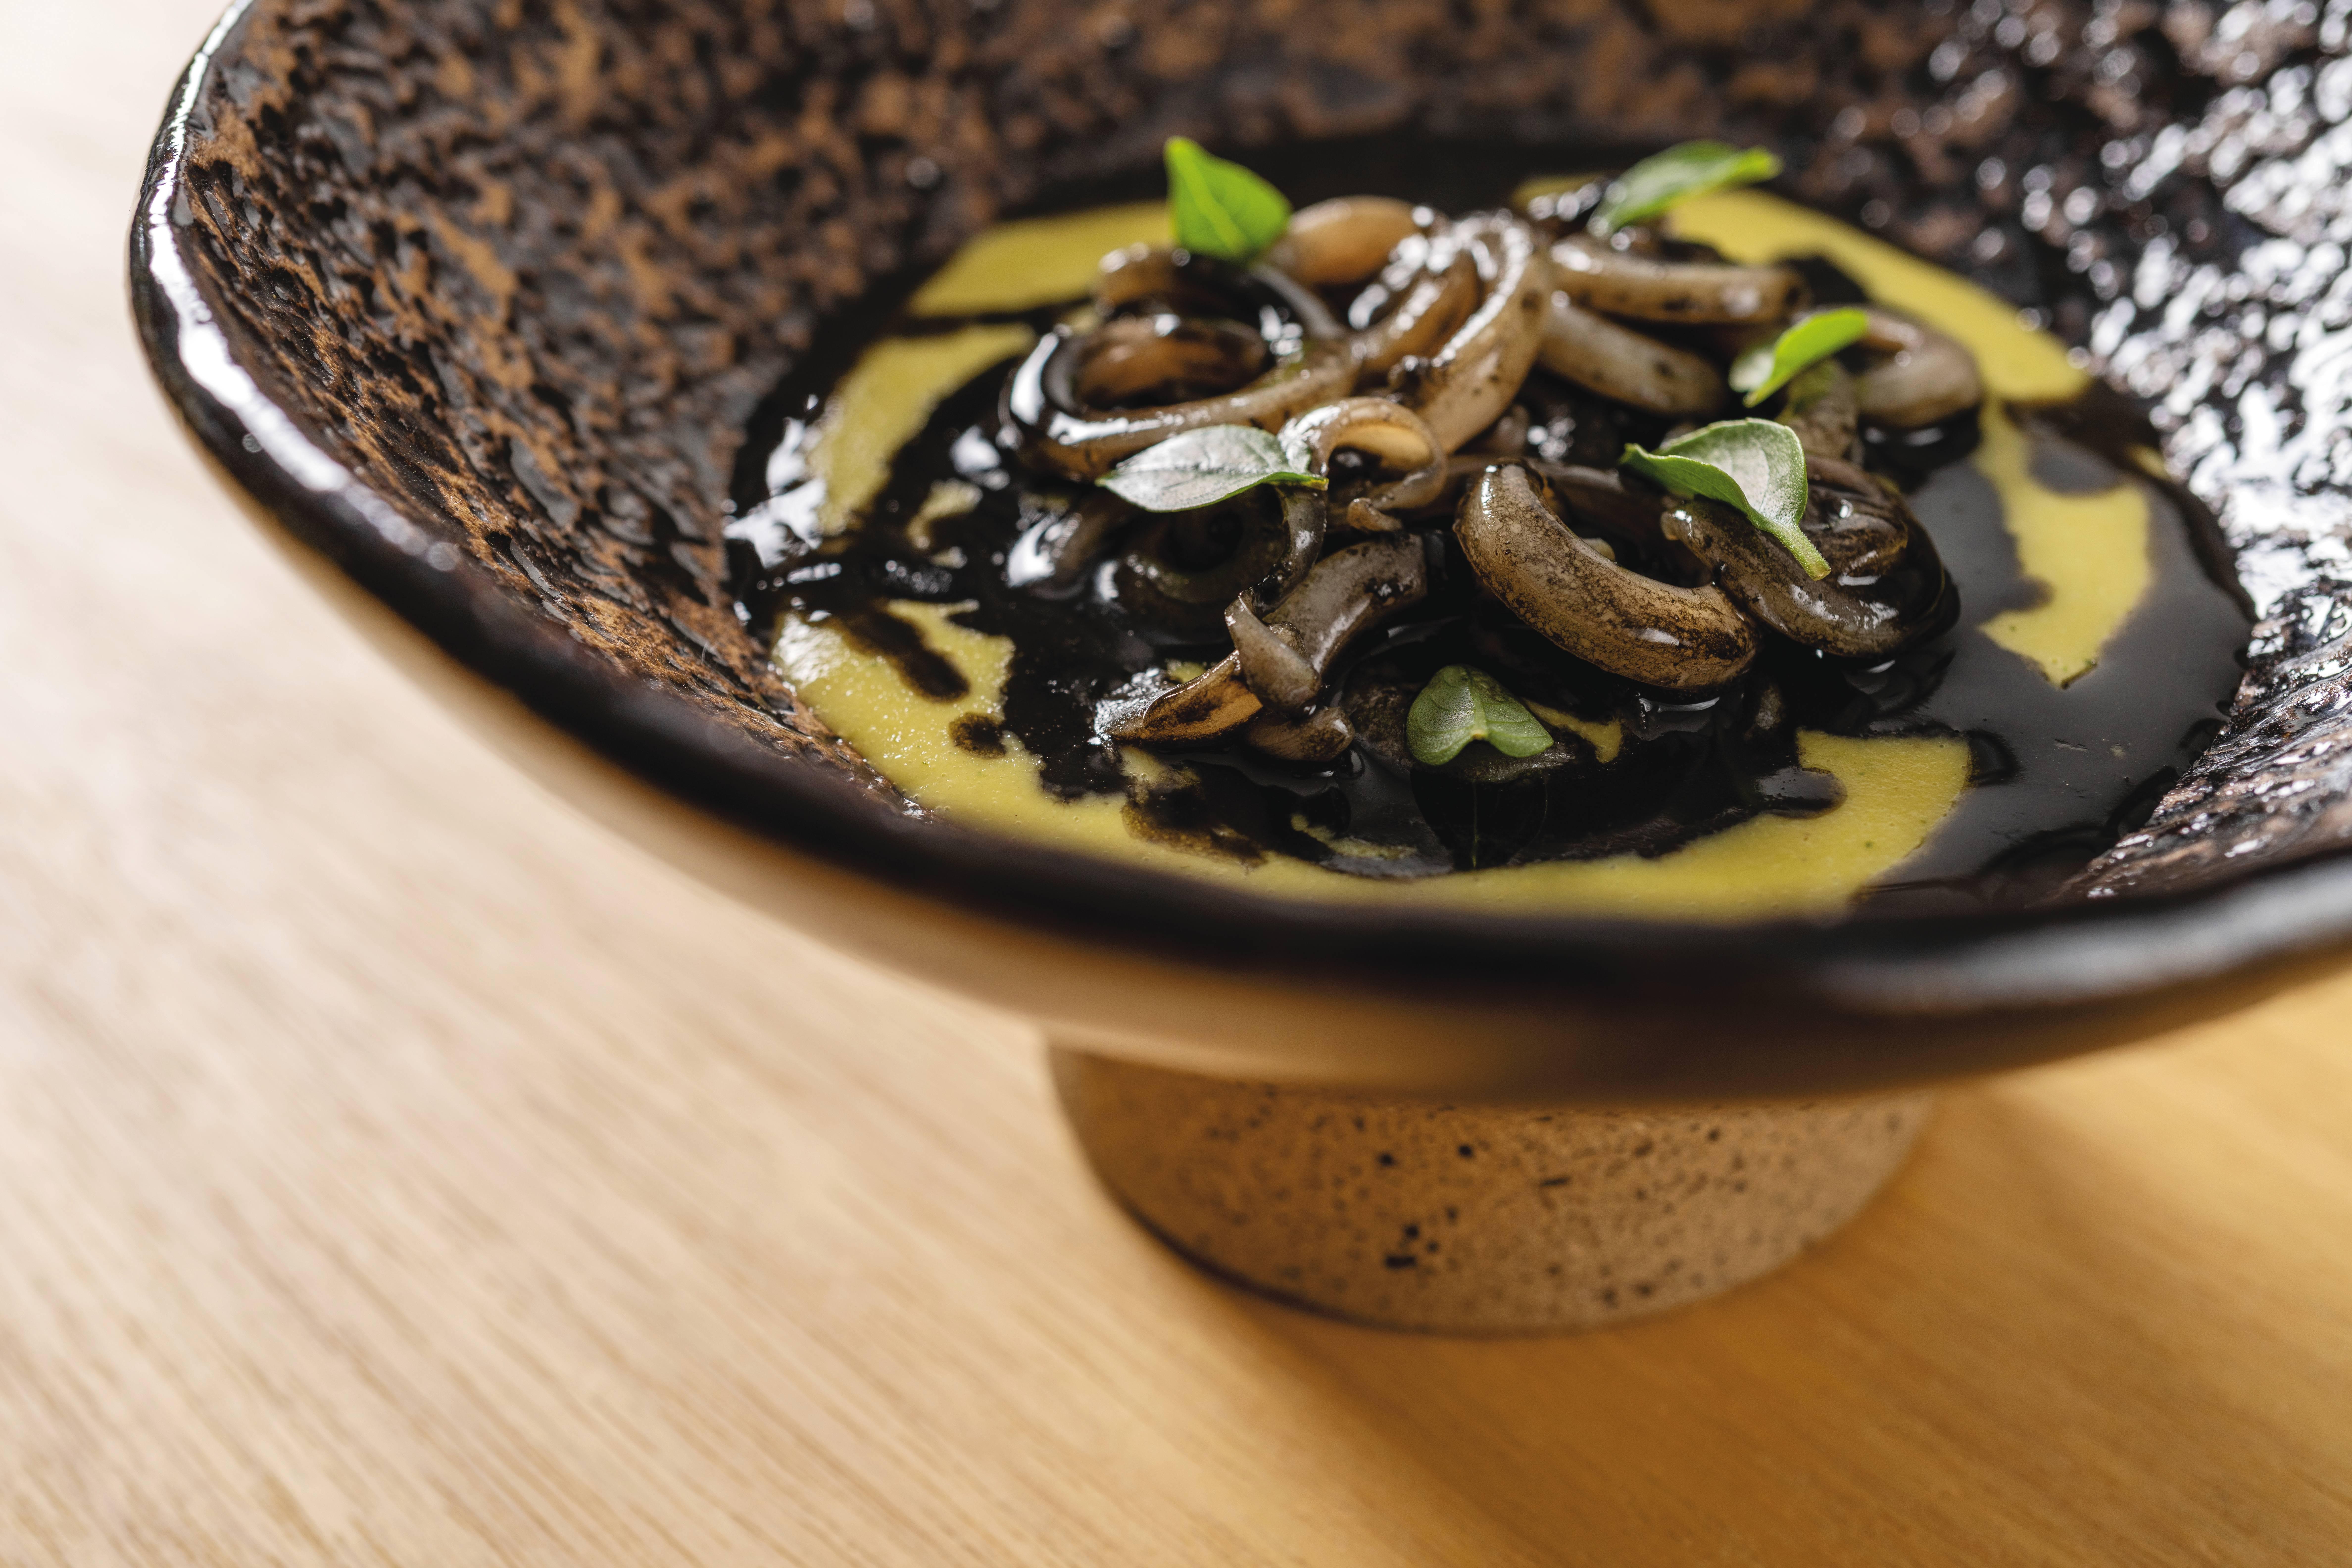 No novo menu, Do Campo ao Mar, combinações surpreendentes como o milho verde assado e cozido com capim-limão, servido com lula e salsa negra de frutos do mar. Foto: Rubens Kato/Manu